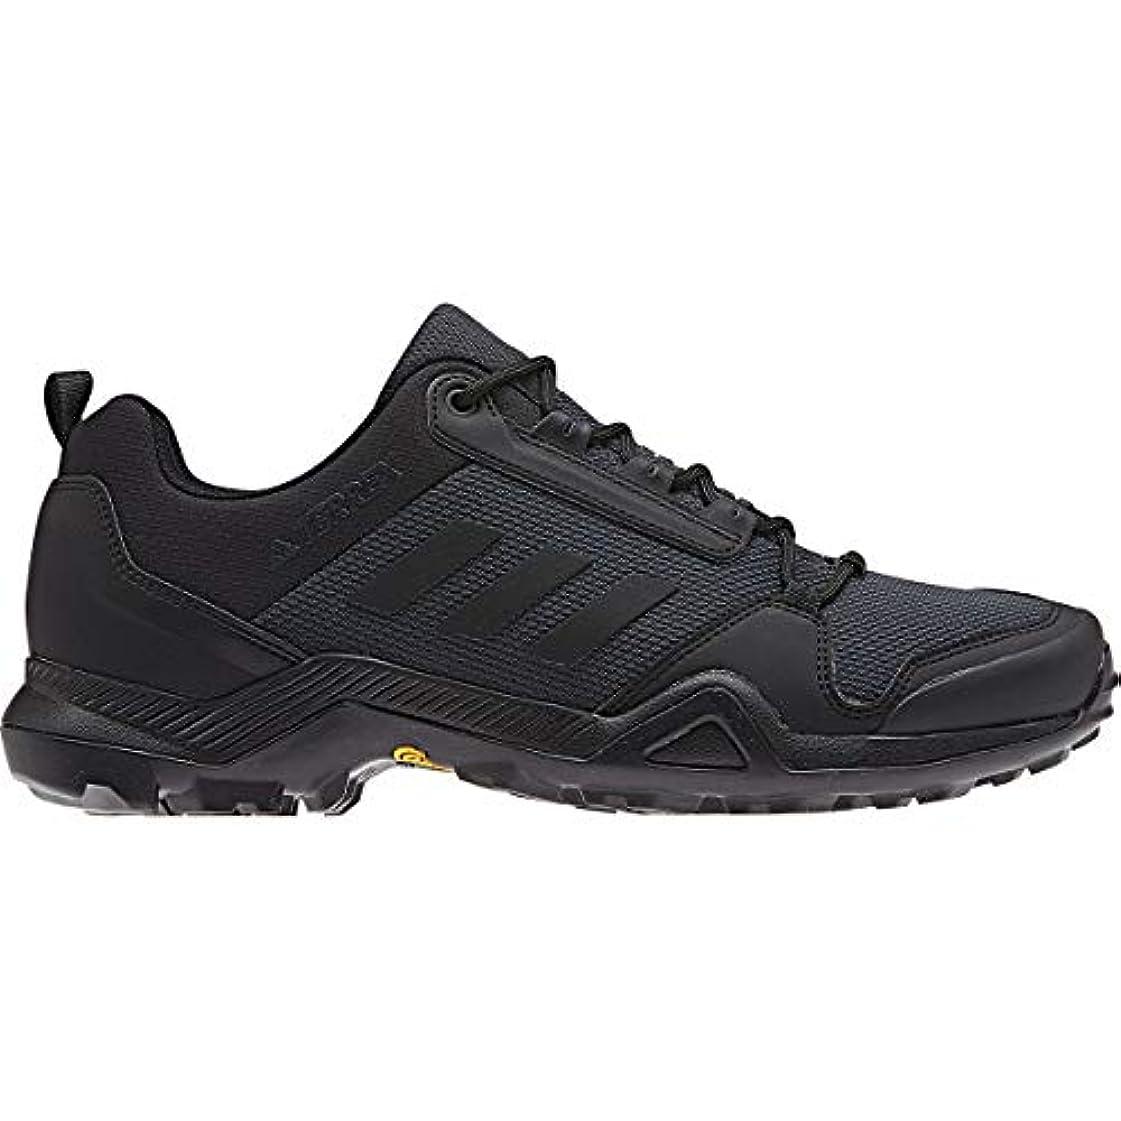 チャート絶望的な物質[アディダス] アウトドア メンズ ハイキング Terrex AX3 Hiking Shoe - Men's [並行輸入品]